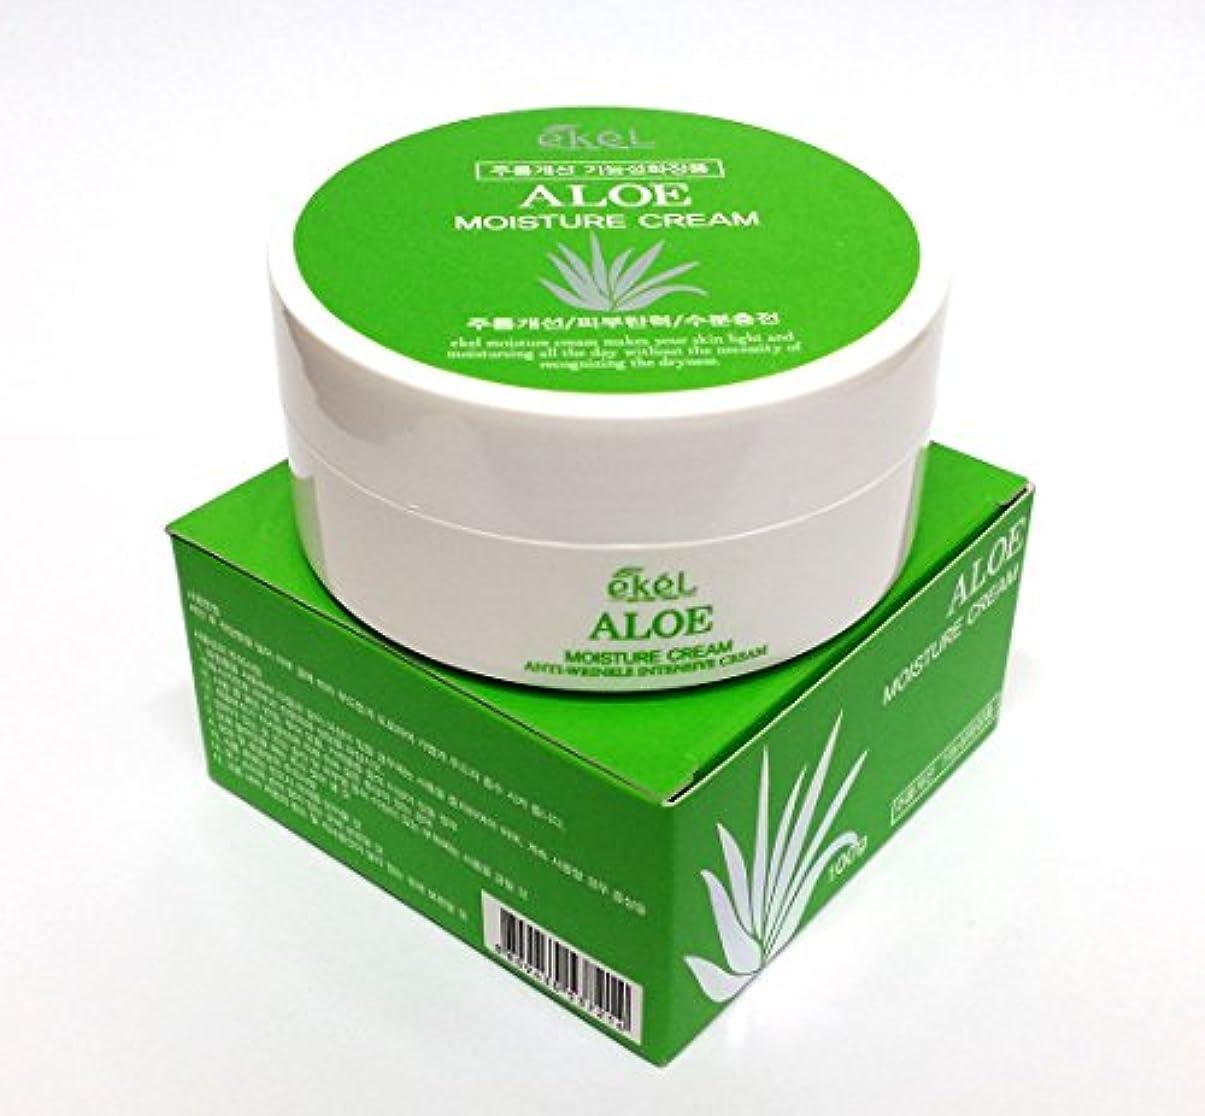 航空憂鬱な振り向く[Ekel] アロエモイスチャークリーム100g / Aloe Moisture cream 100g / しわ、アロエベラオイルフリー / wrinkles, Aloe Vera Oil-Free / 韓国化粧品 /...